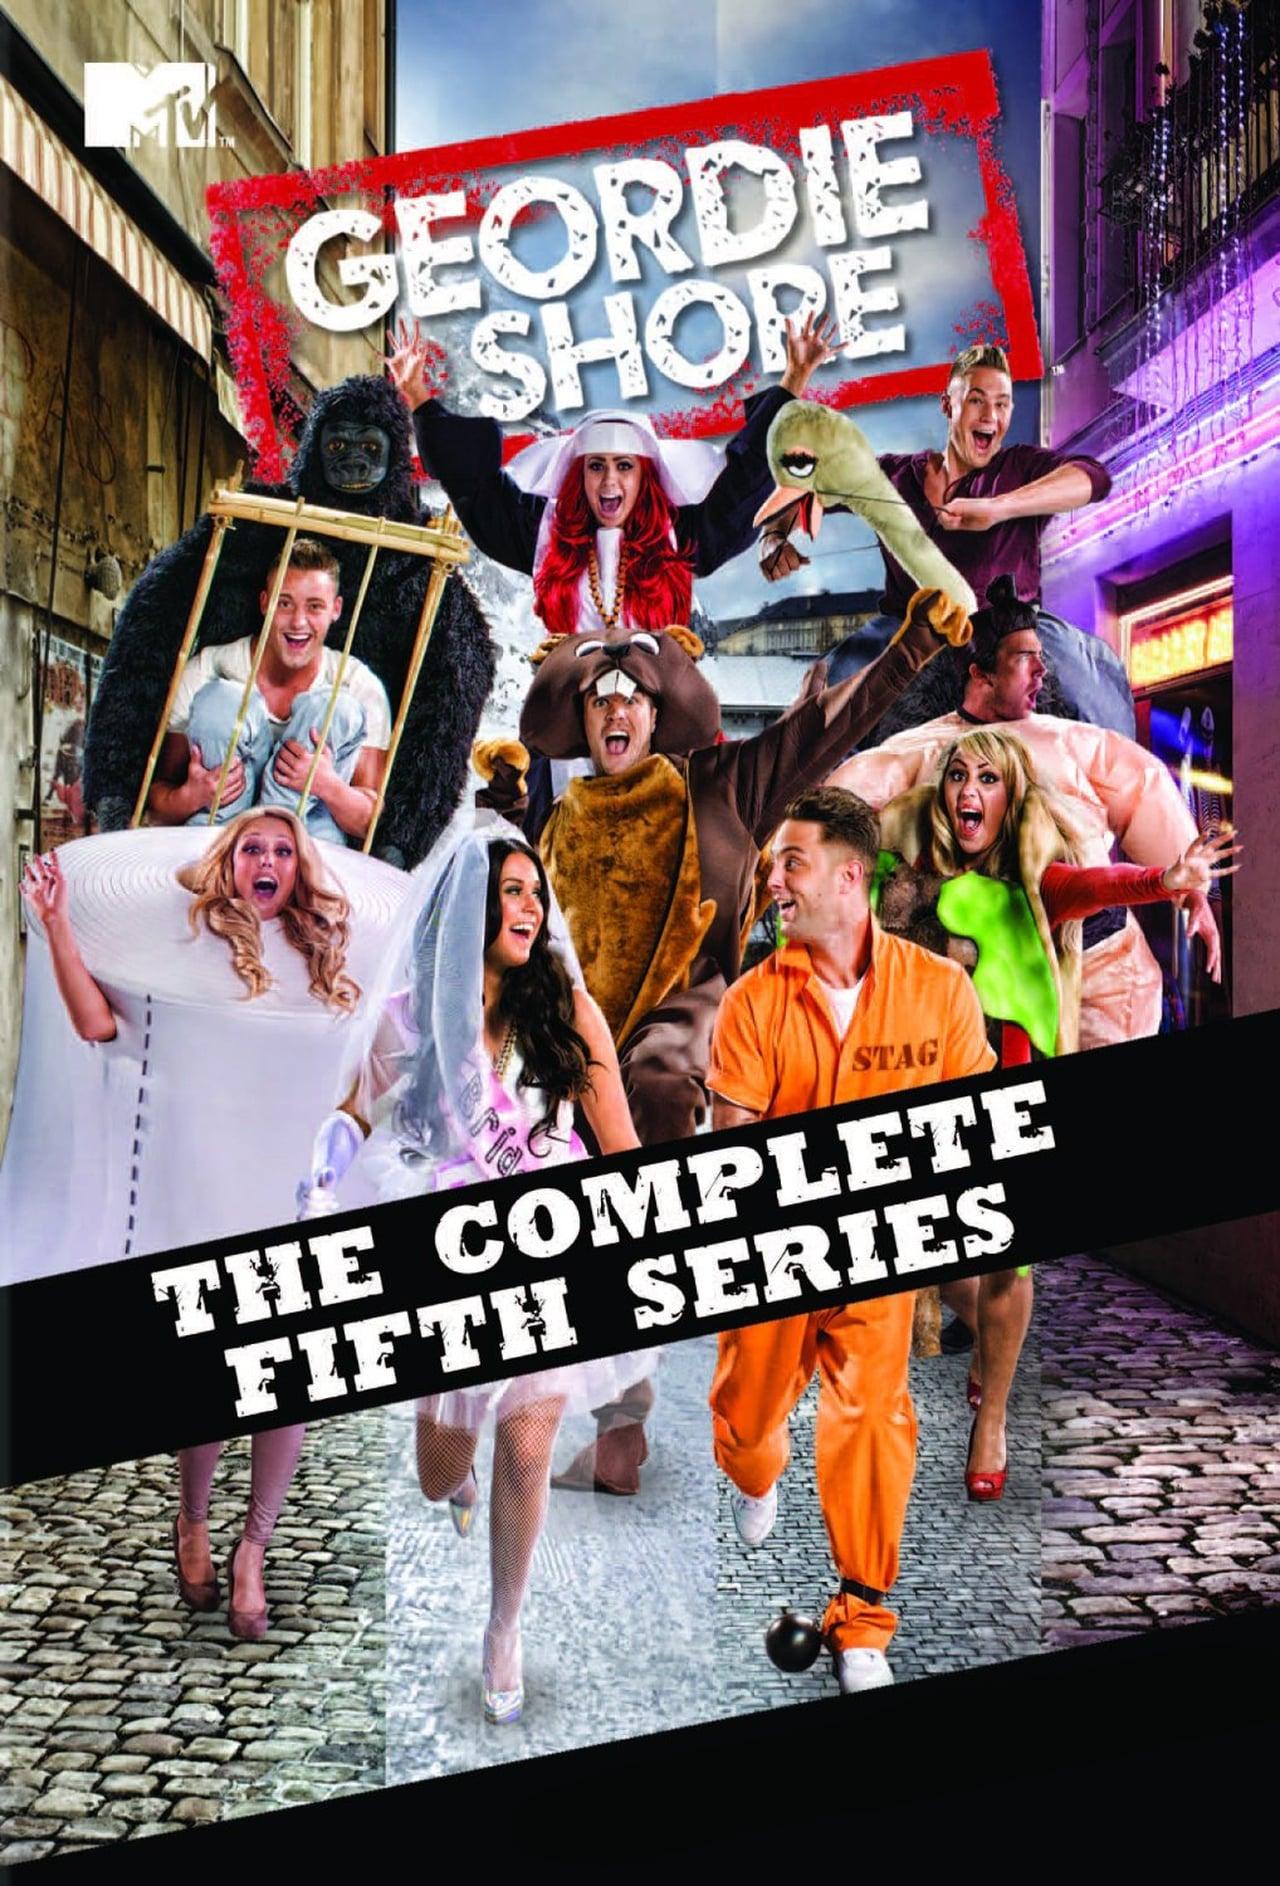 Geordie Shore Season 5